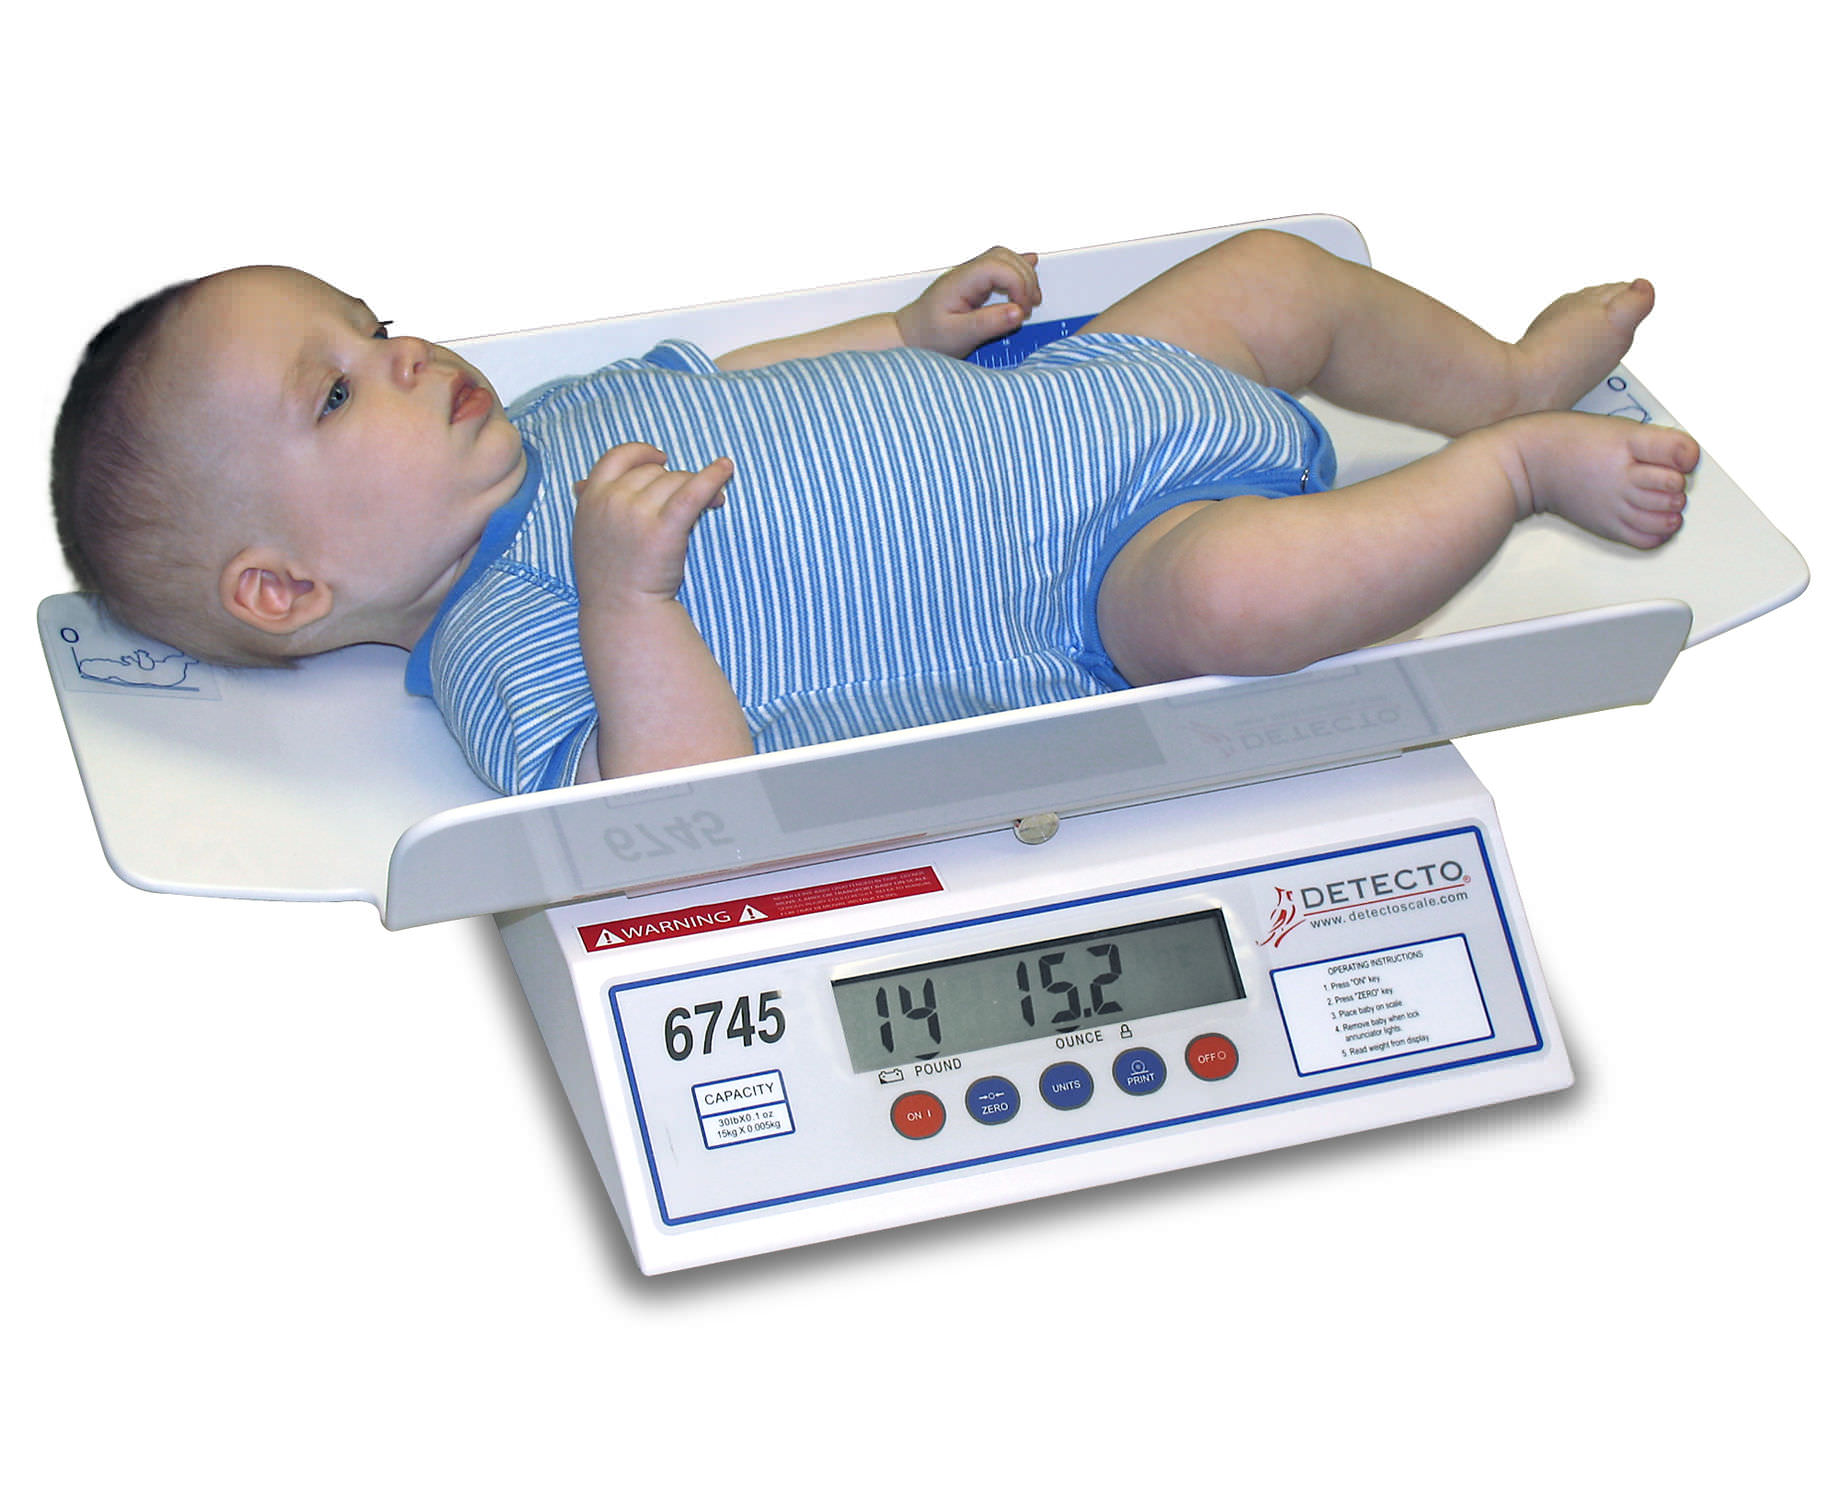 El juego de las imagenes-http://img.medicalexpo.es/images_me/photo-g/pesabebe-electronico-75294-5496709.jpg